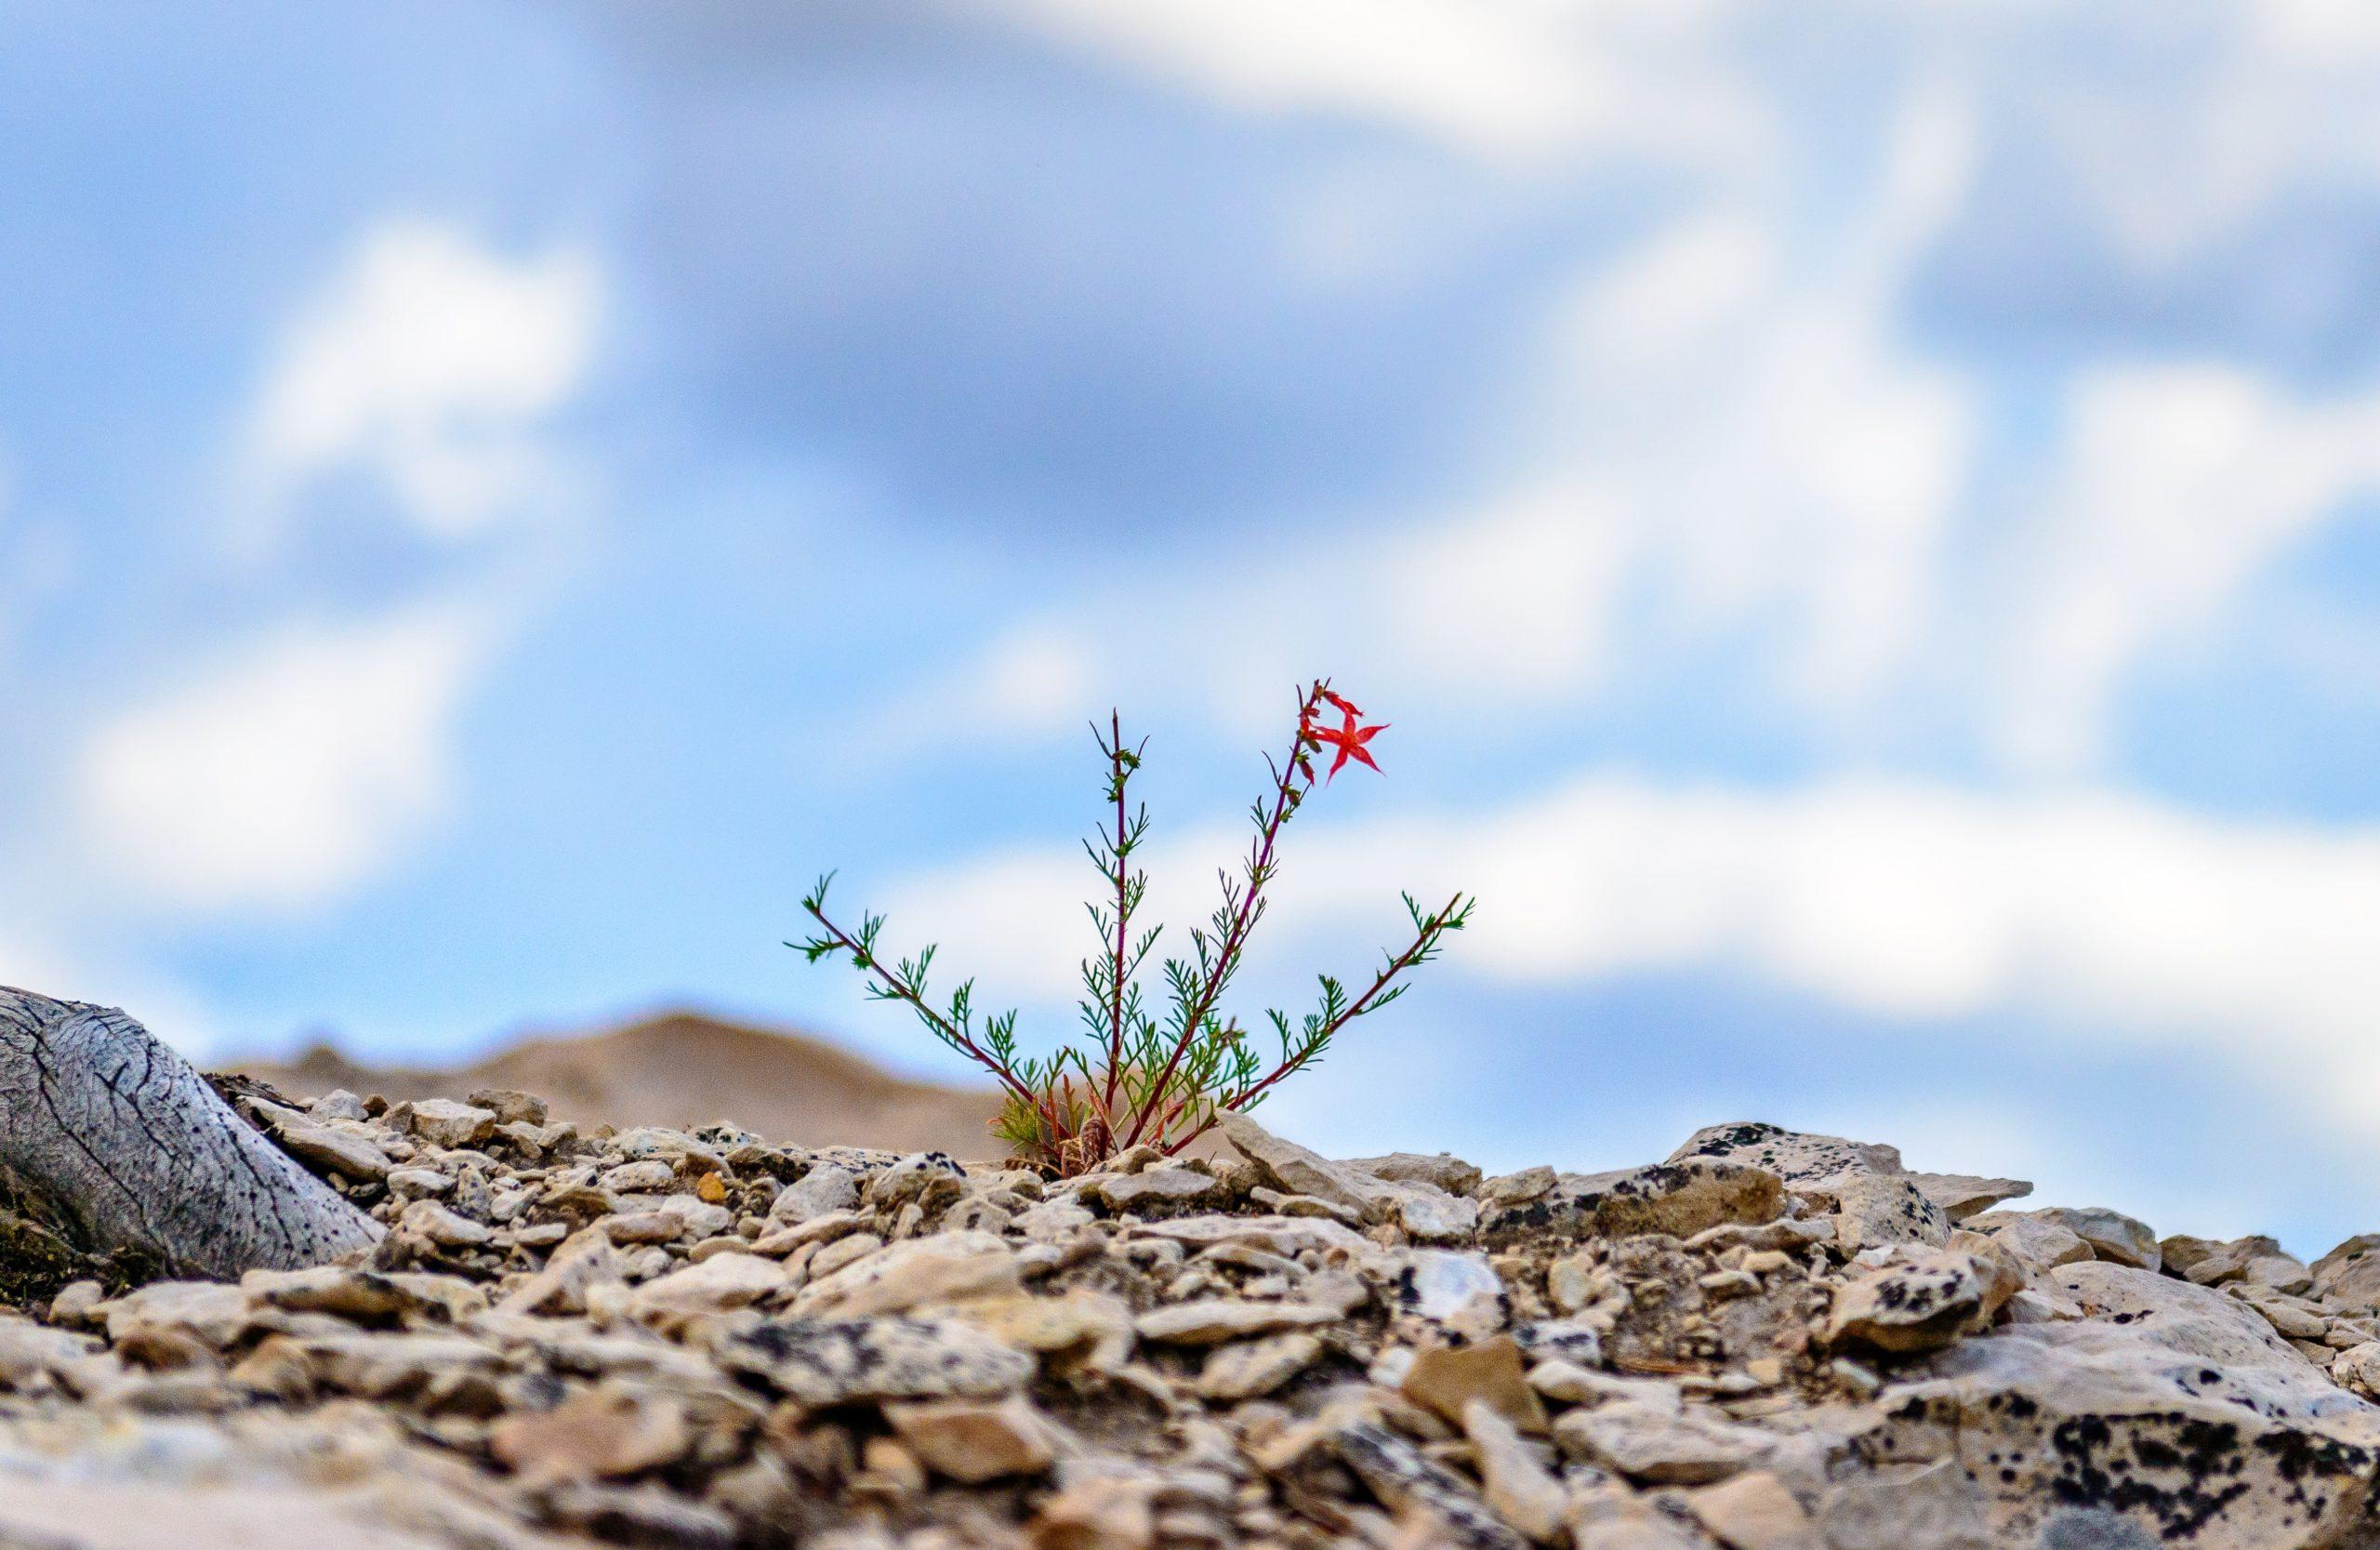 Wytrwałość jest miarą Twojej wiary w siebie i w to co robisz.